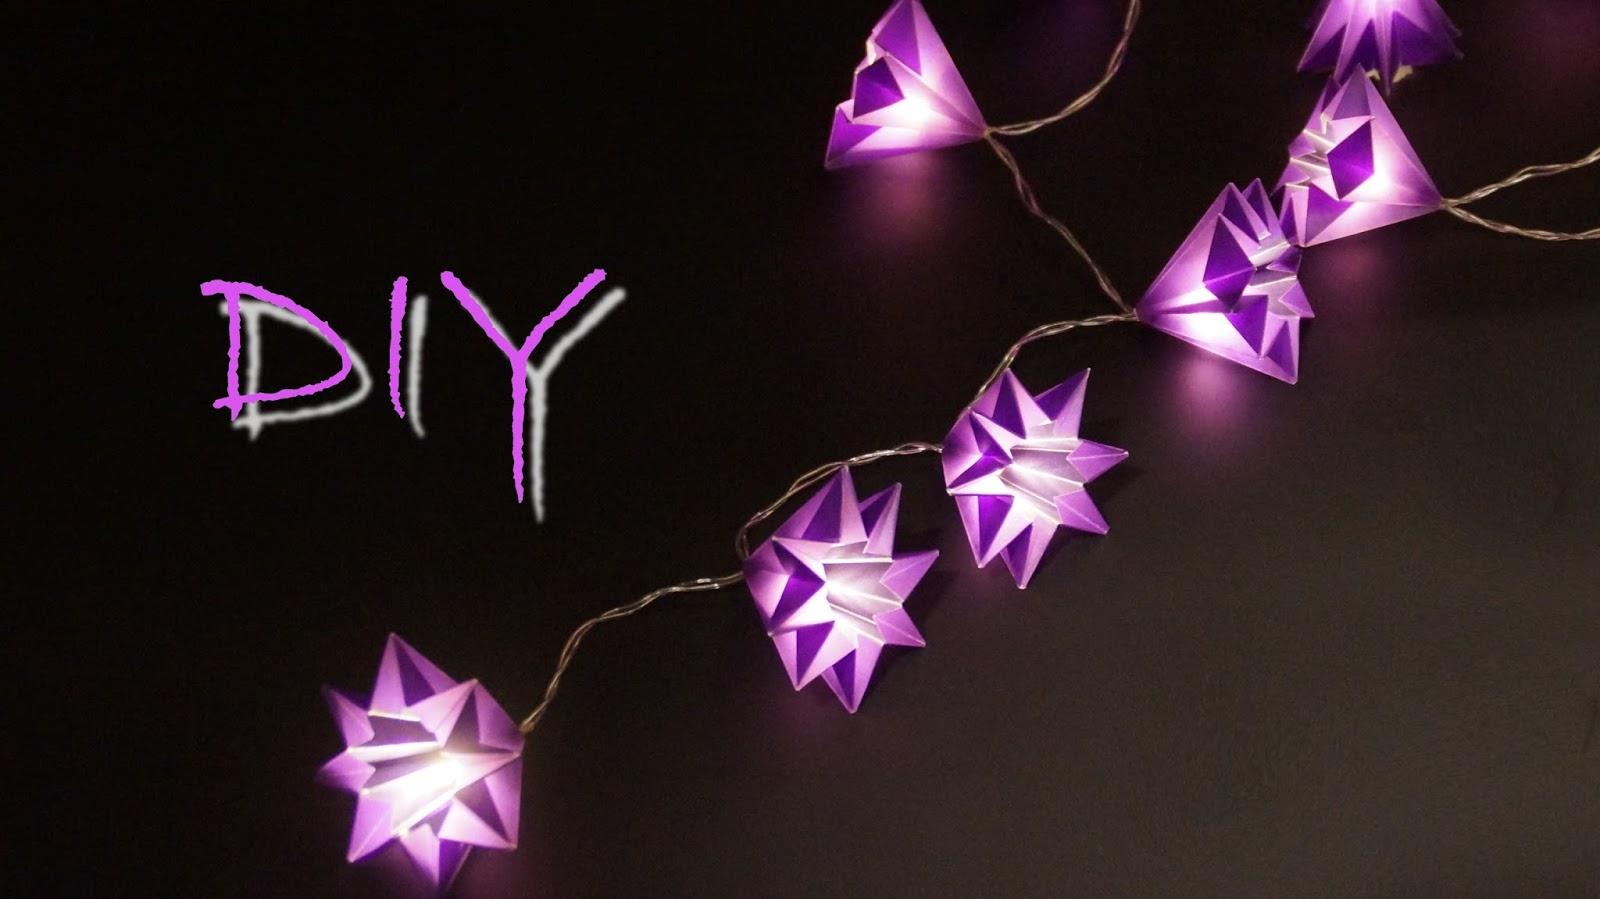 basteln und mehr lichterkette basteln zu weihnachten sternen lichterkette falten. Black Bedroom Furniture Sets. Home Design Ideas